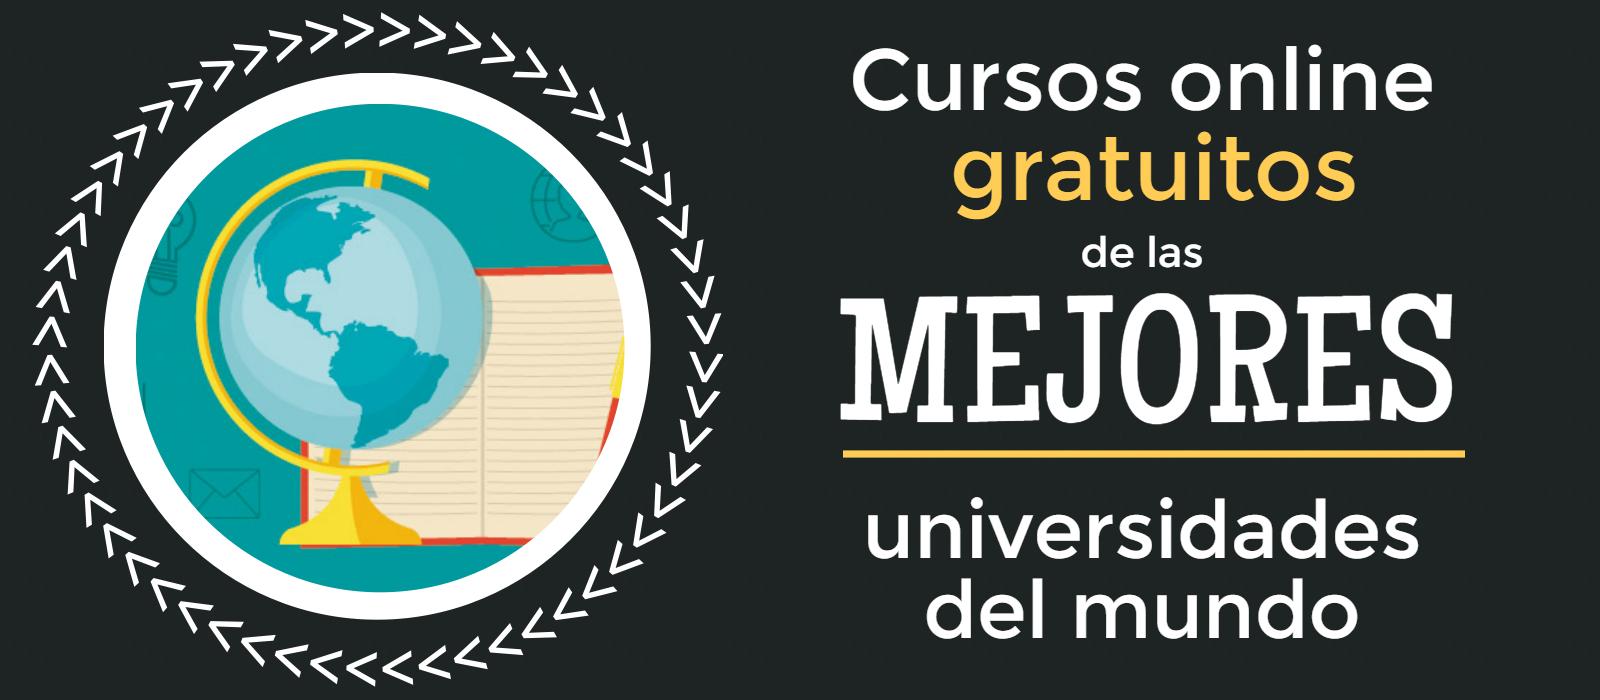 Cursos online gratuitos de las mejores universidades del mundo.